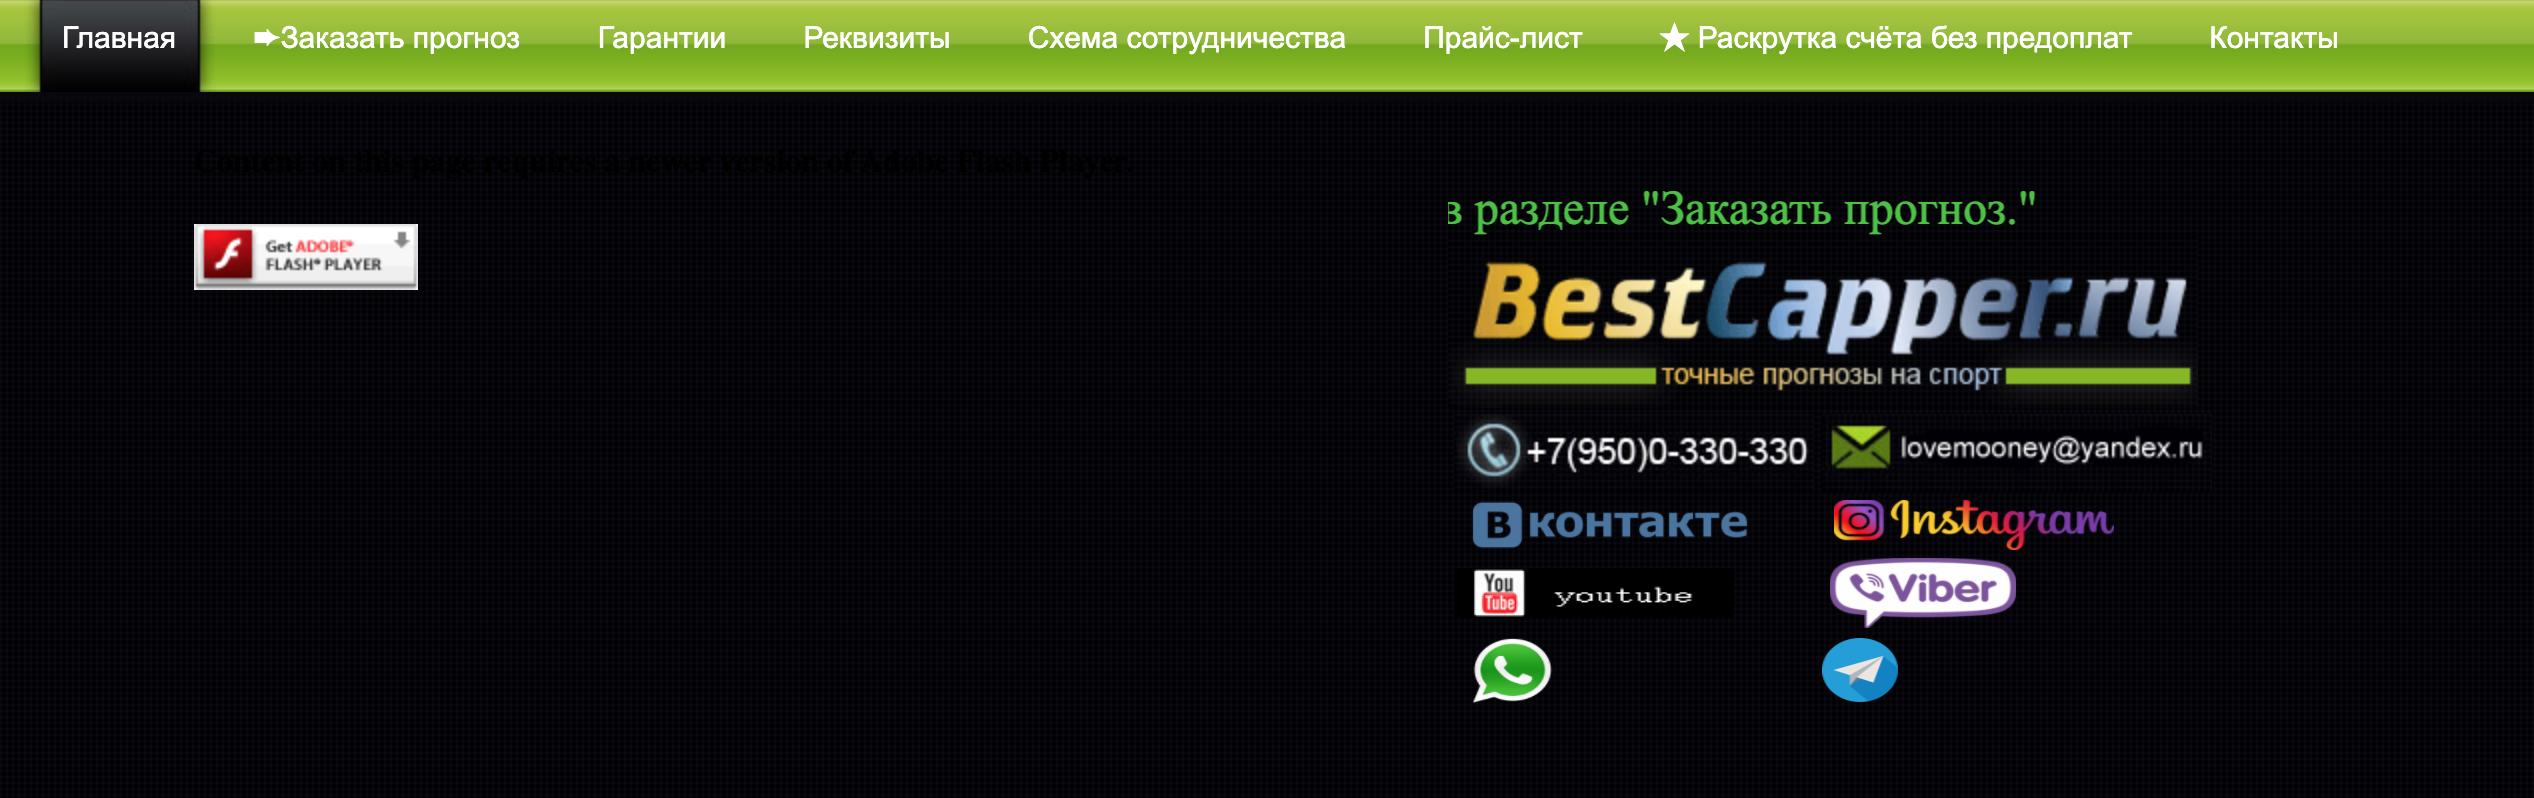 Главная страница сайта Эдуарда Кварацхелии BestCapper (Bесткаппер)